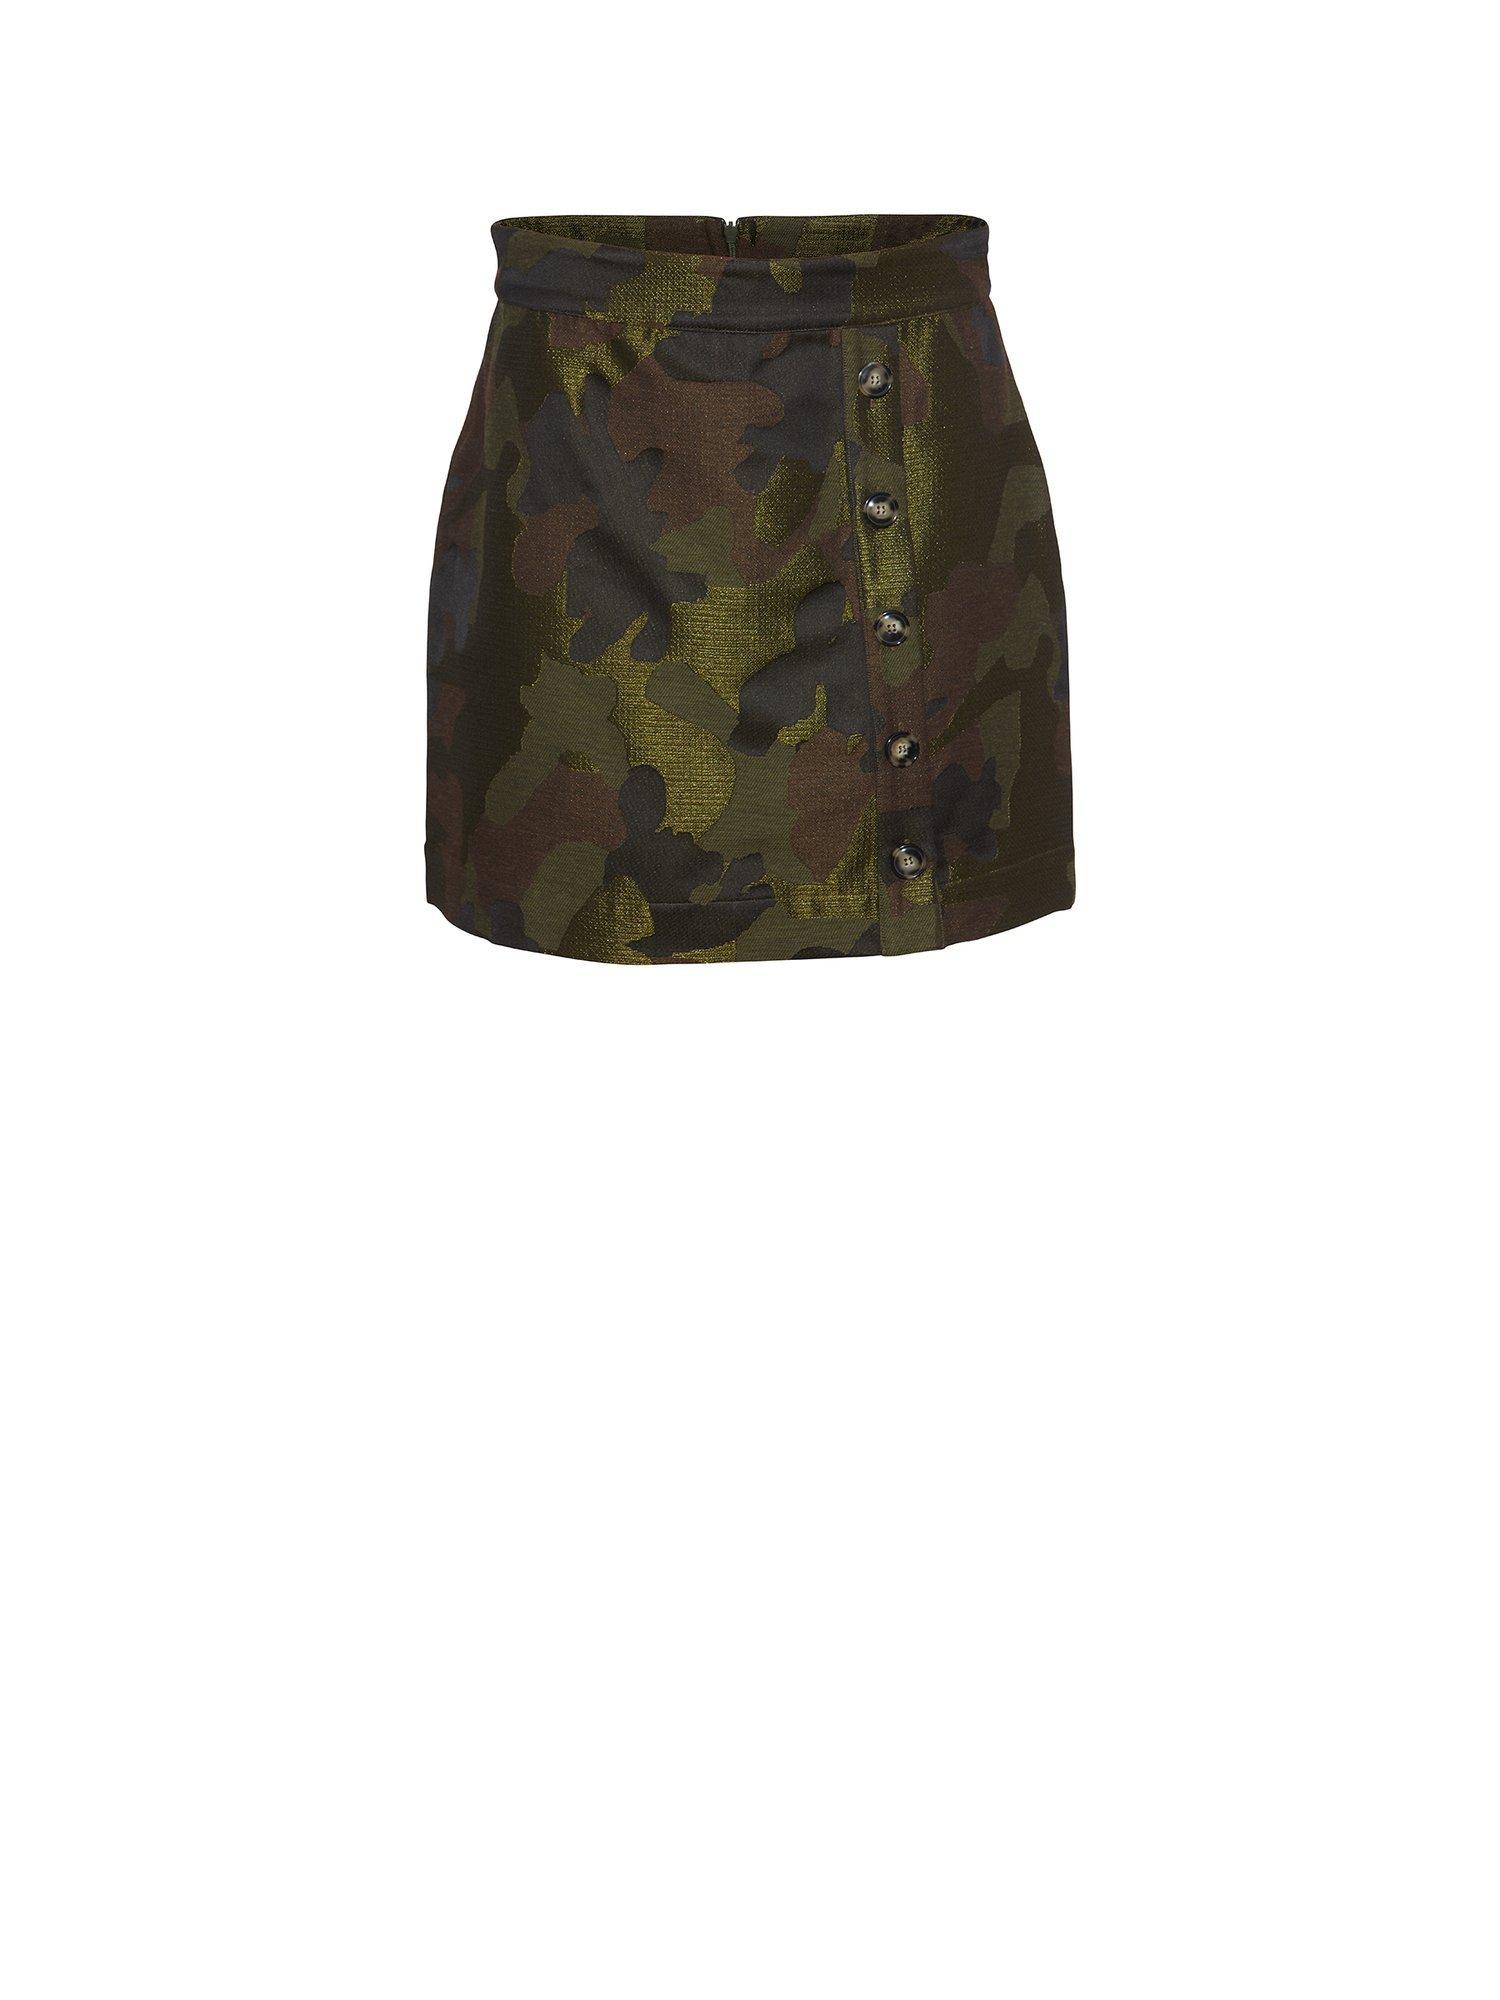 Heartmade/Julie Fagerholt Safia Skirt - 202 Camouflage